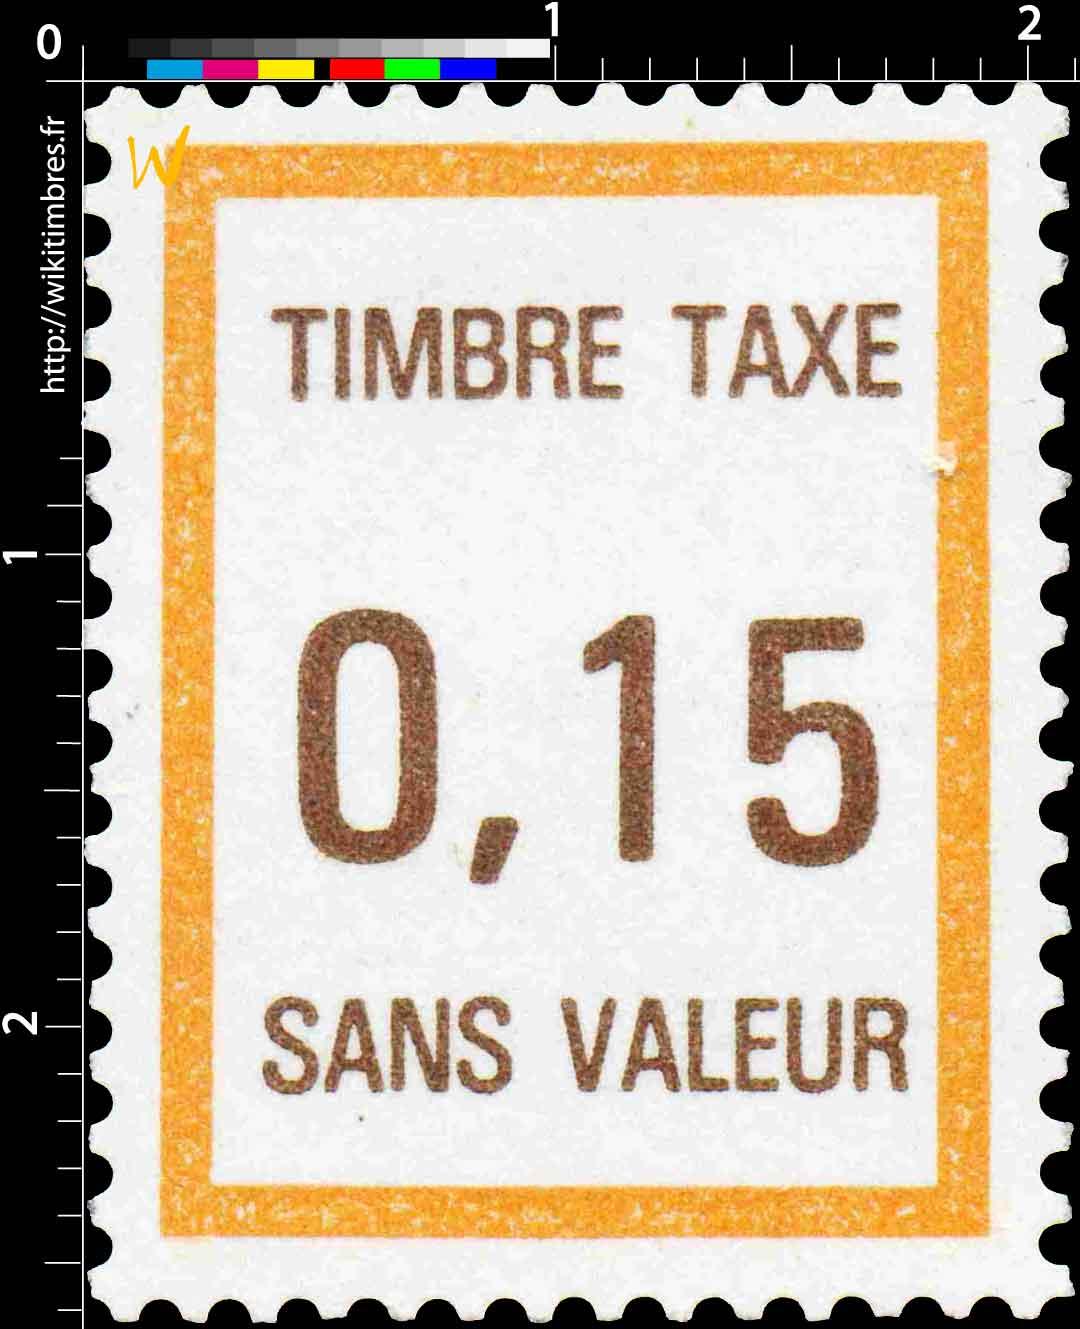 TIMBRE TAXE SANS VALEUR